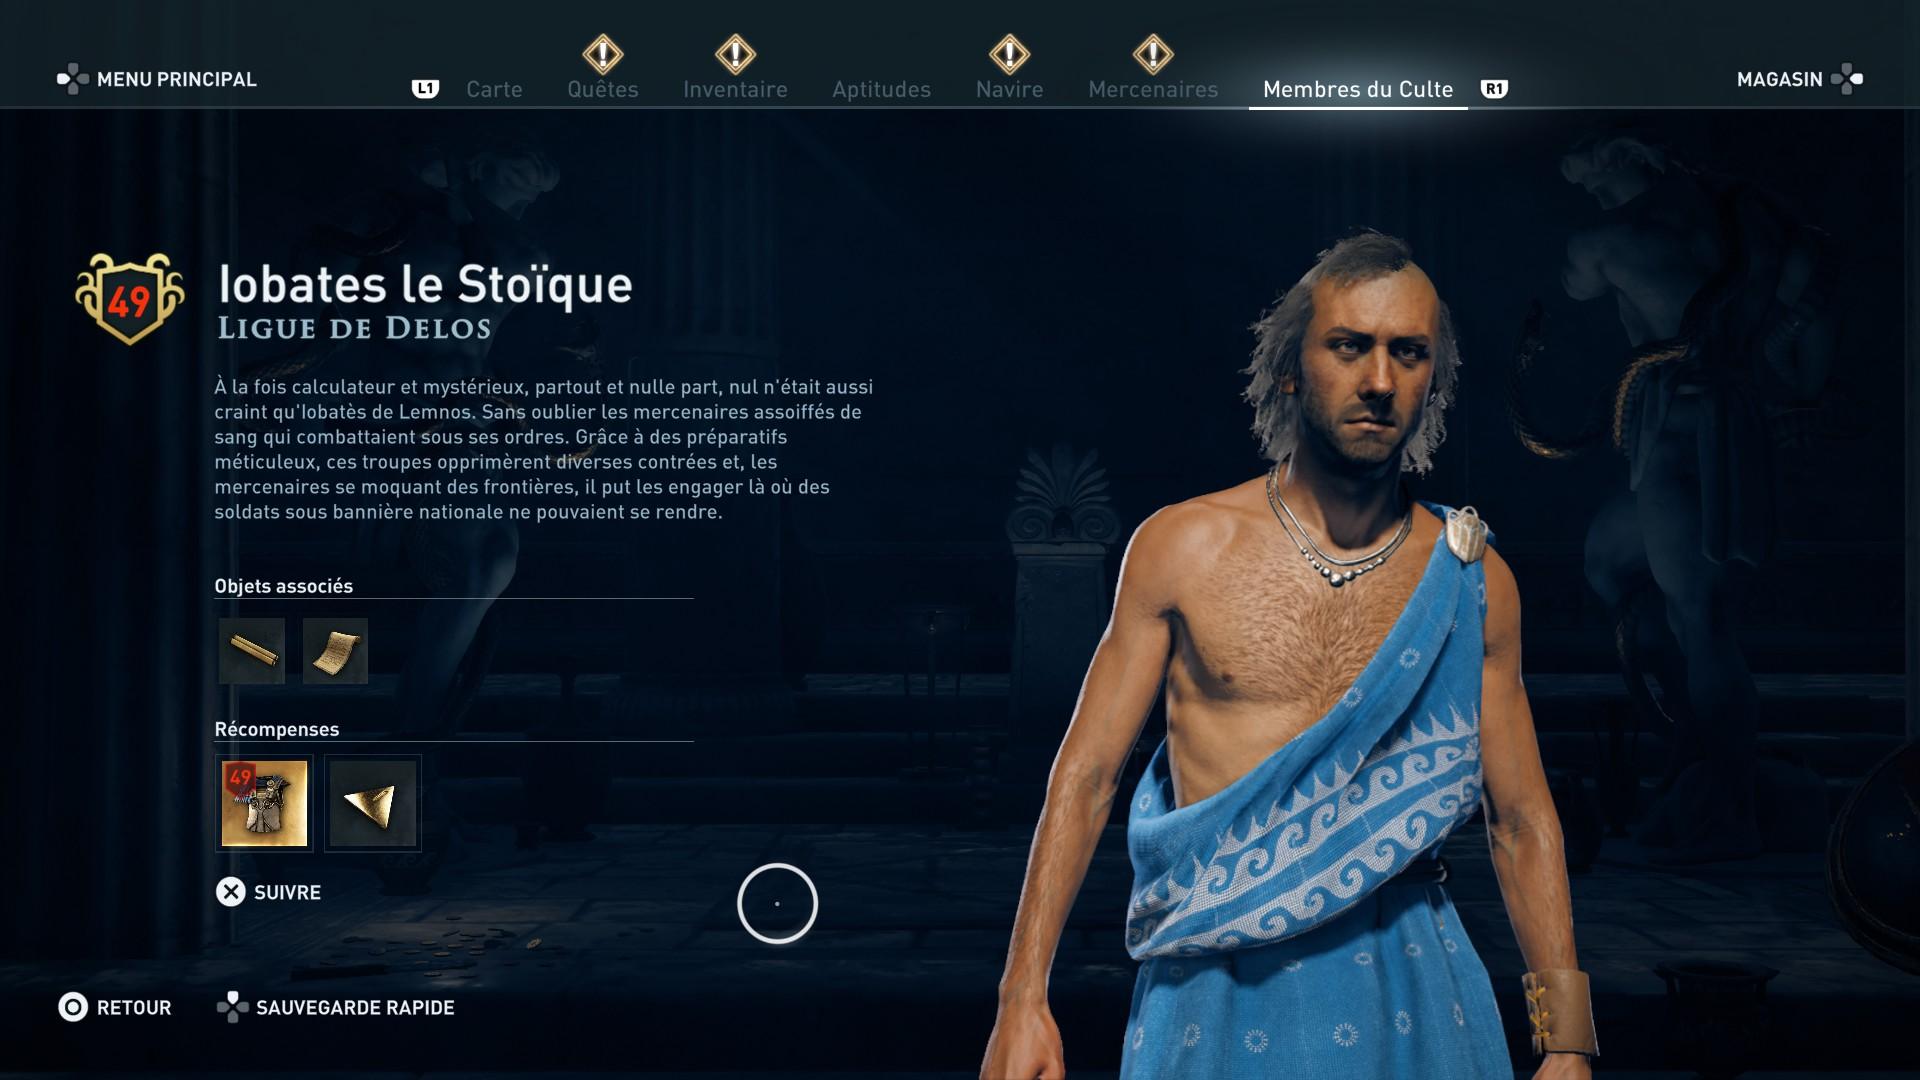 Assassin's Creed Odyssey trouver et tuer les adeptes du culte du Kosmos, ps4, xbox one, pc, ubisoft, jeu vidéo, ligue de delos, iobates le stoïque